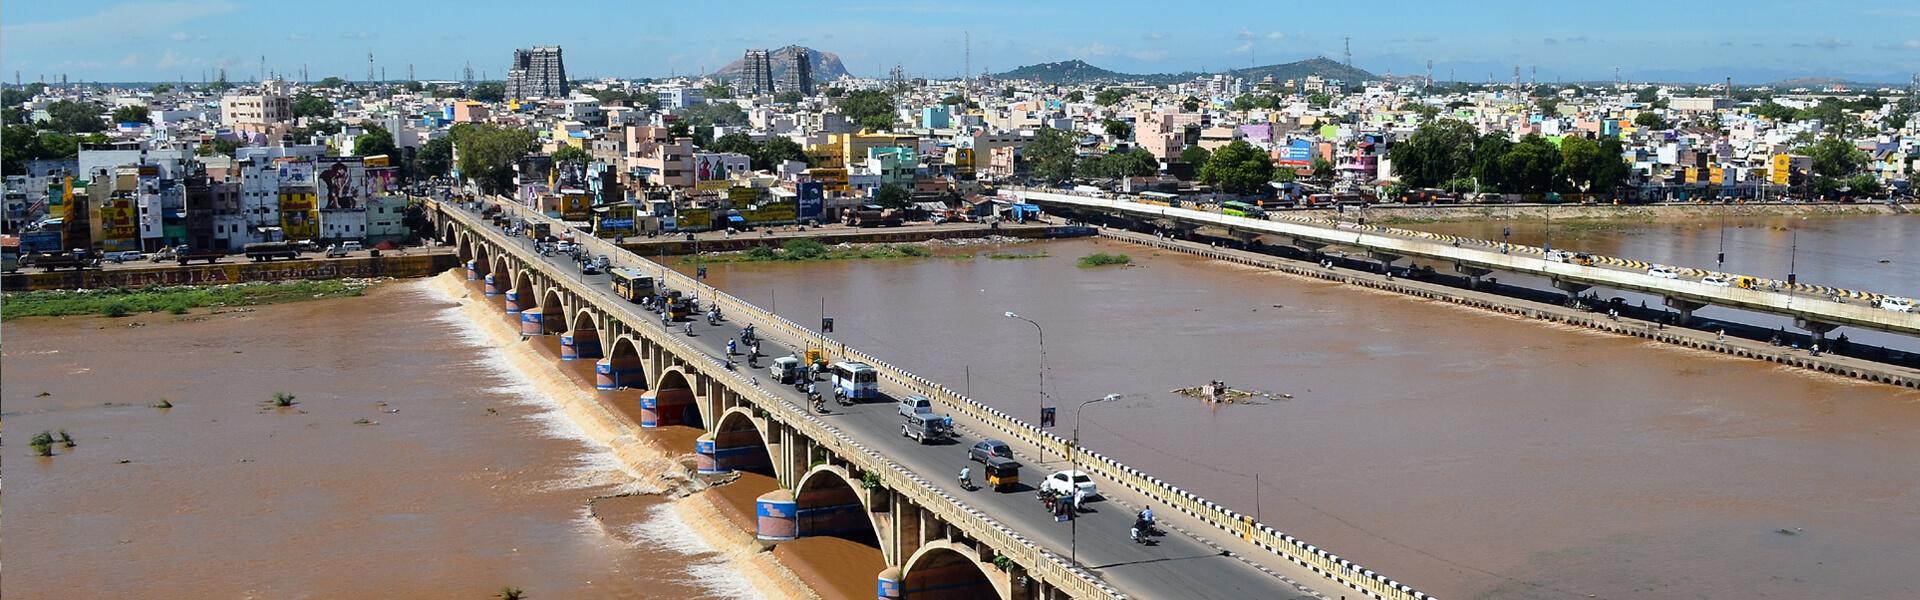 River Vaigai